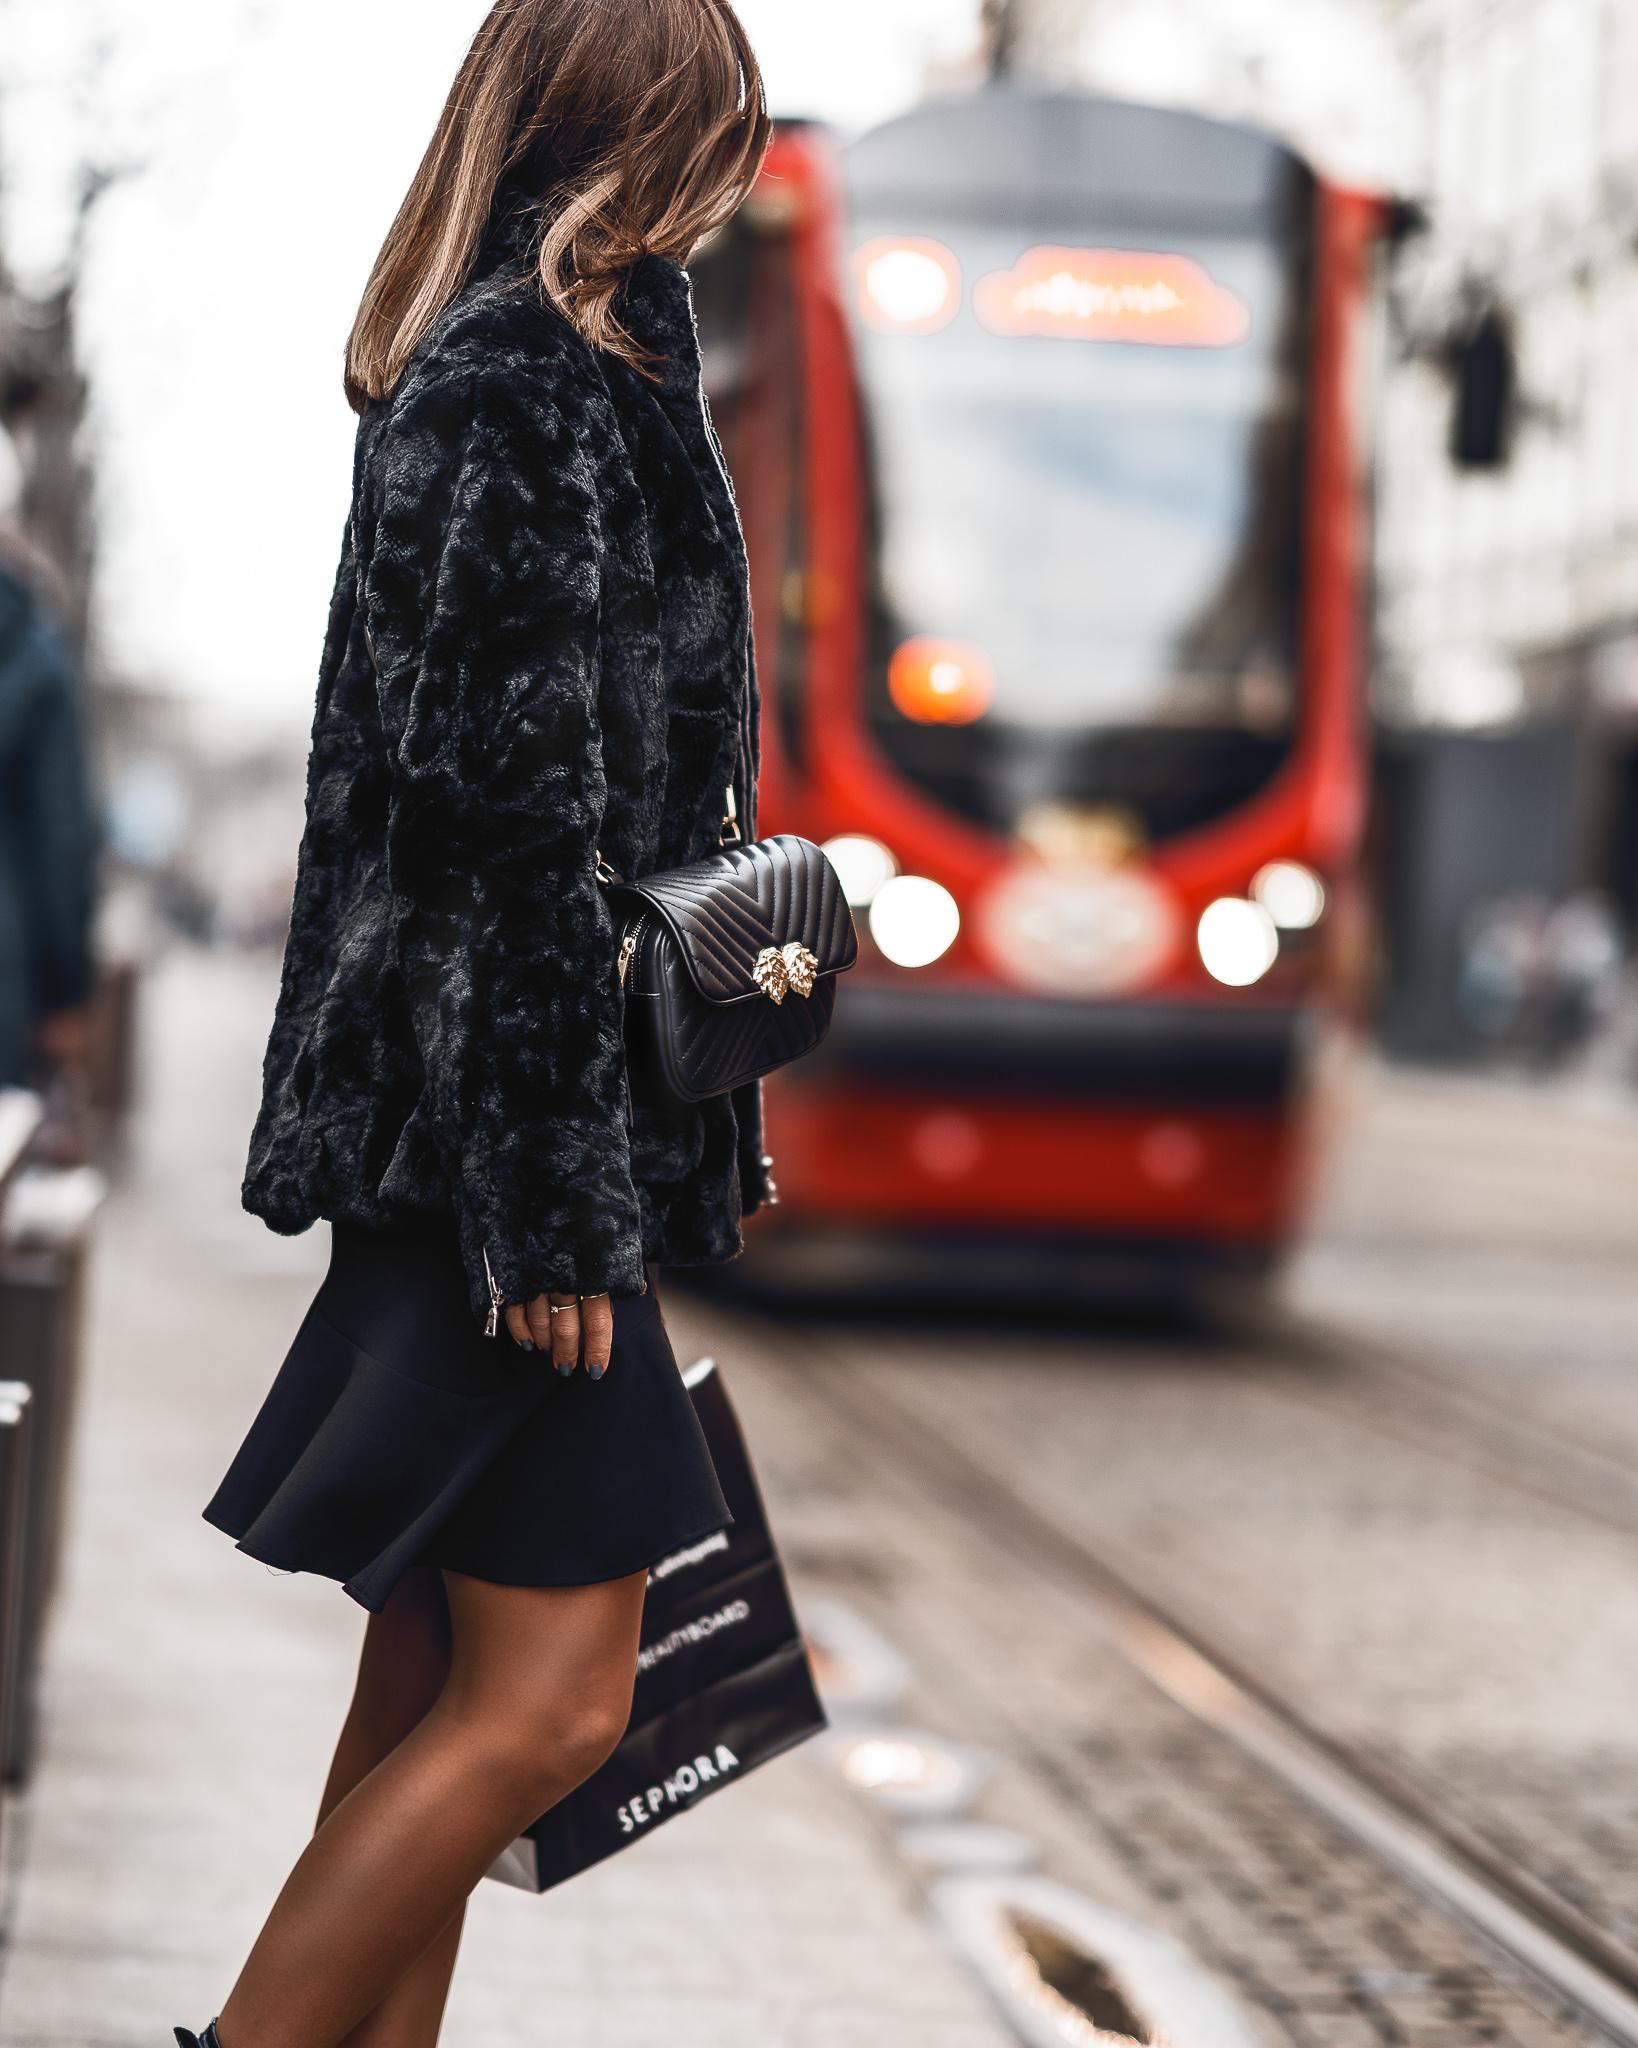 Sukienka NZ, mała czarna, torebka biodrowa zara